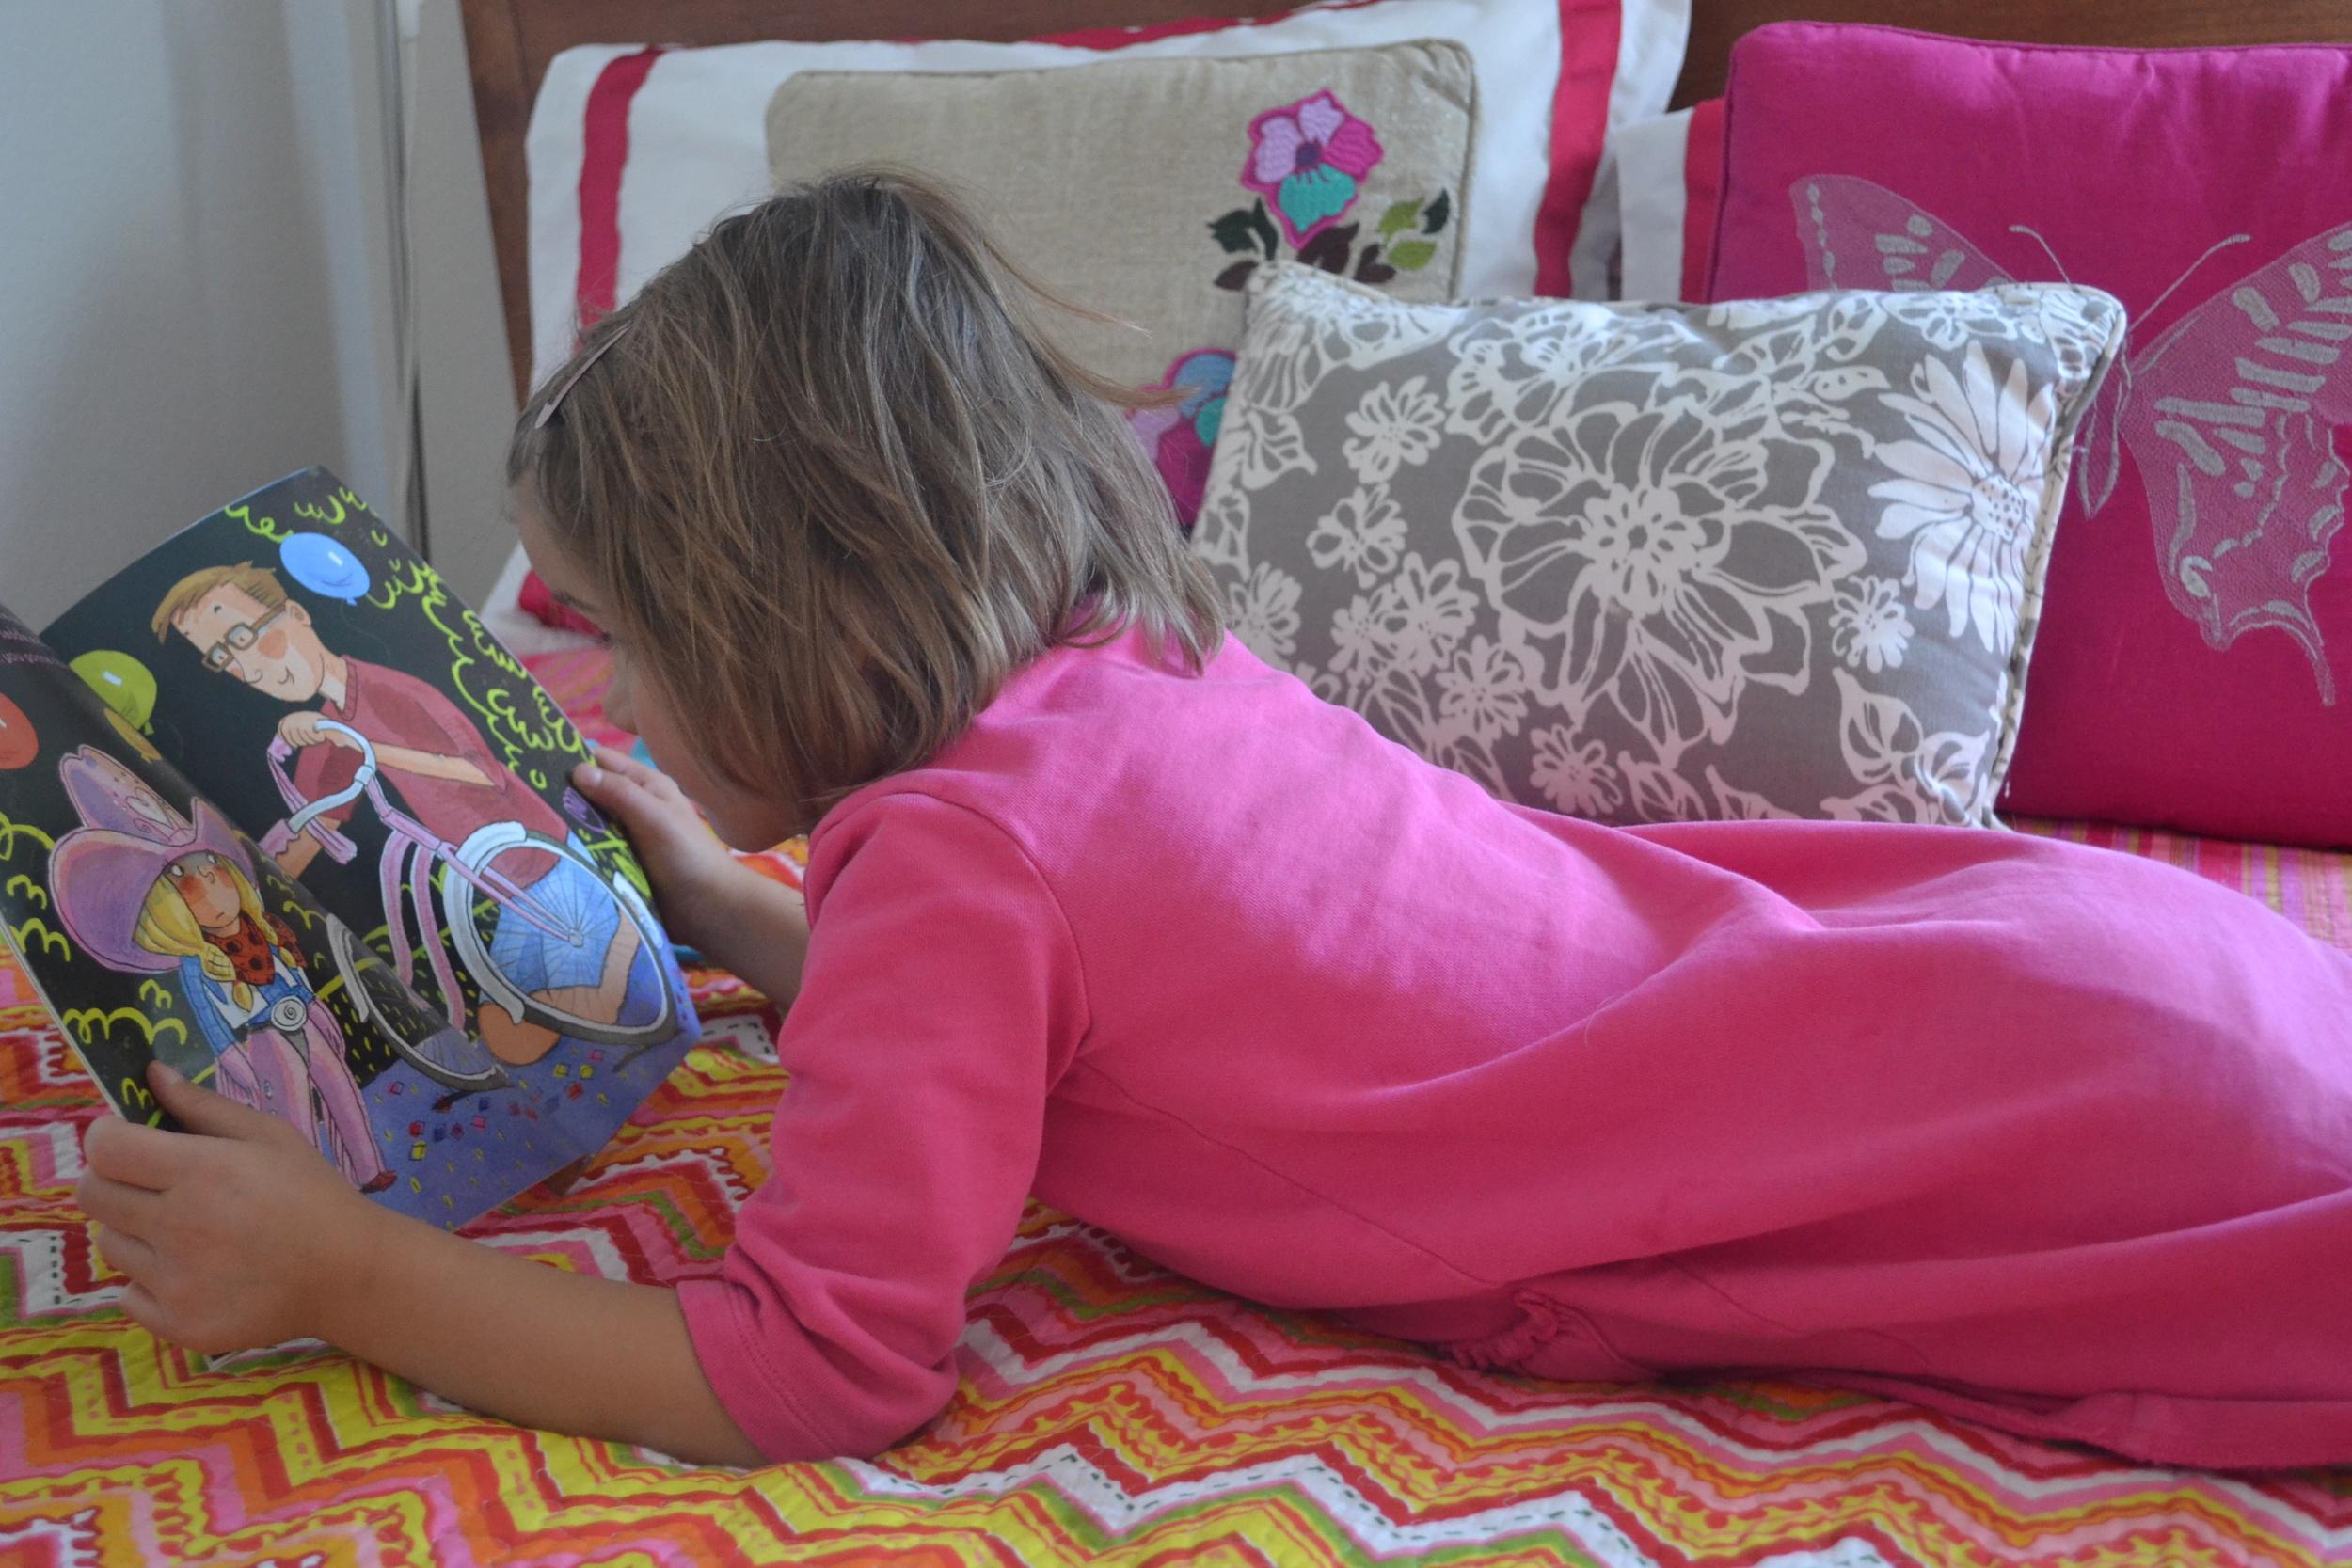 A little girl reads a children's book